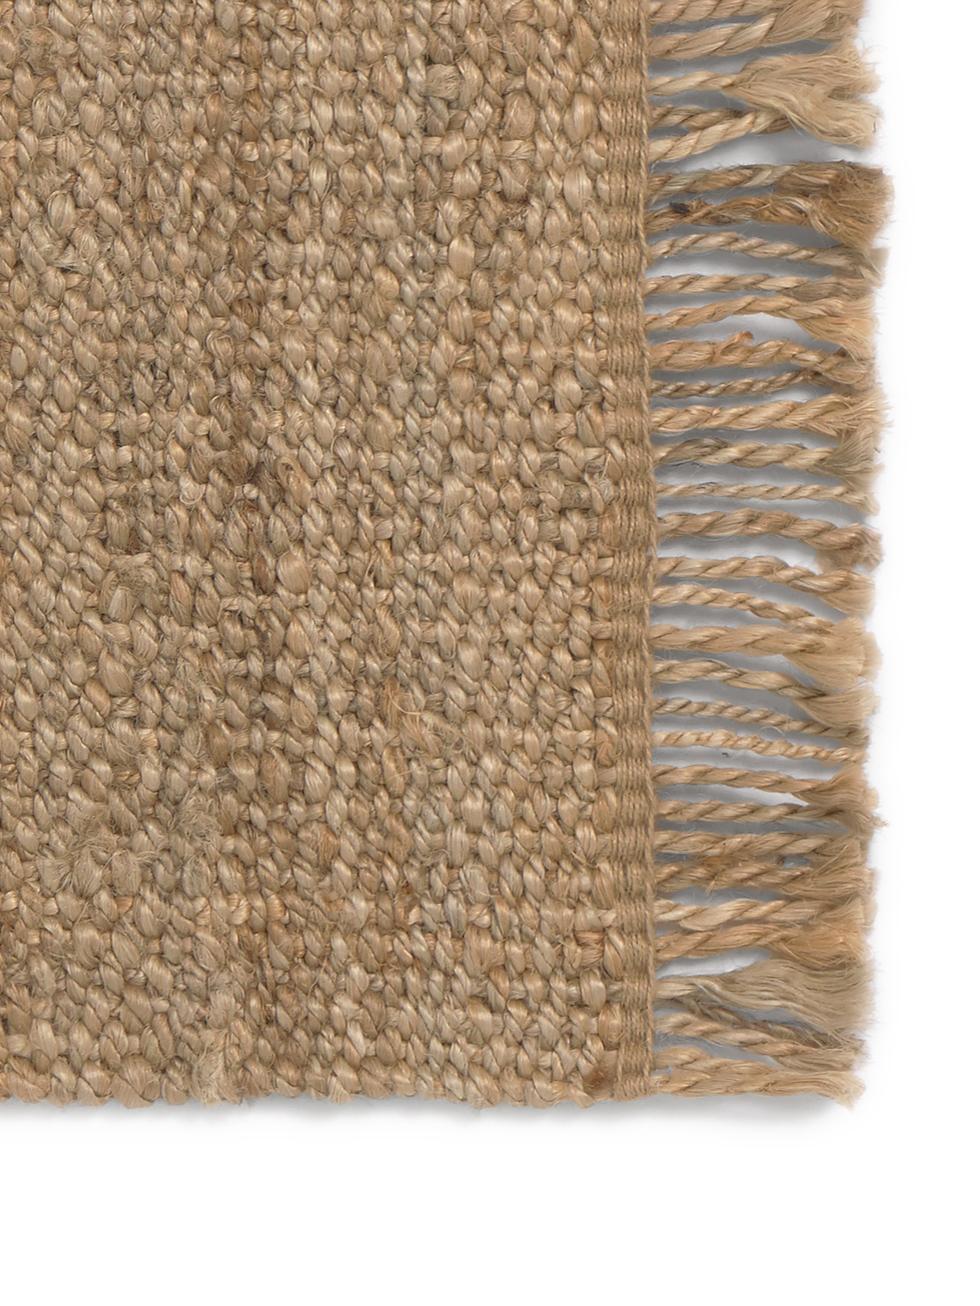 Vloerkleed Cadiz, Jute, Jutekleurig, B 150 x L 200 cm (maat S)